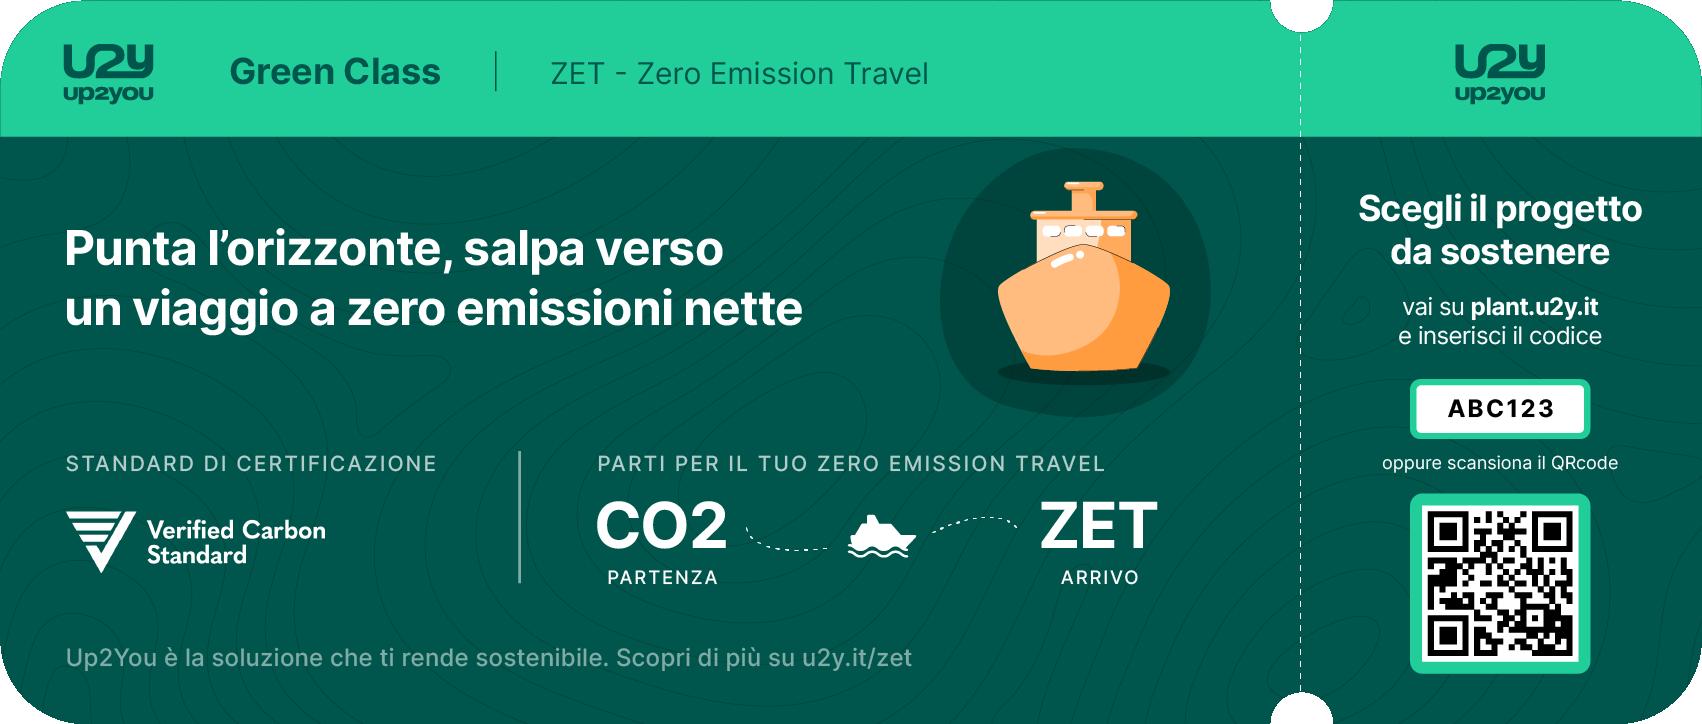 Boarding pass crociera per azzerare le emissioni nette di viaggio e soggiorno